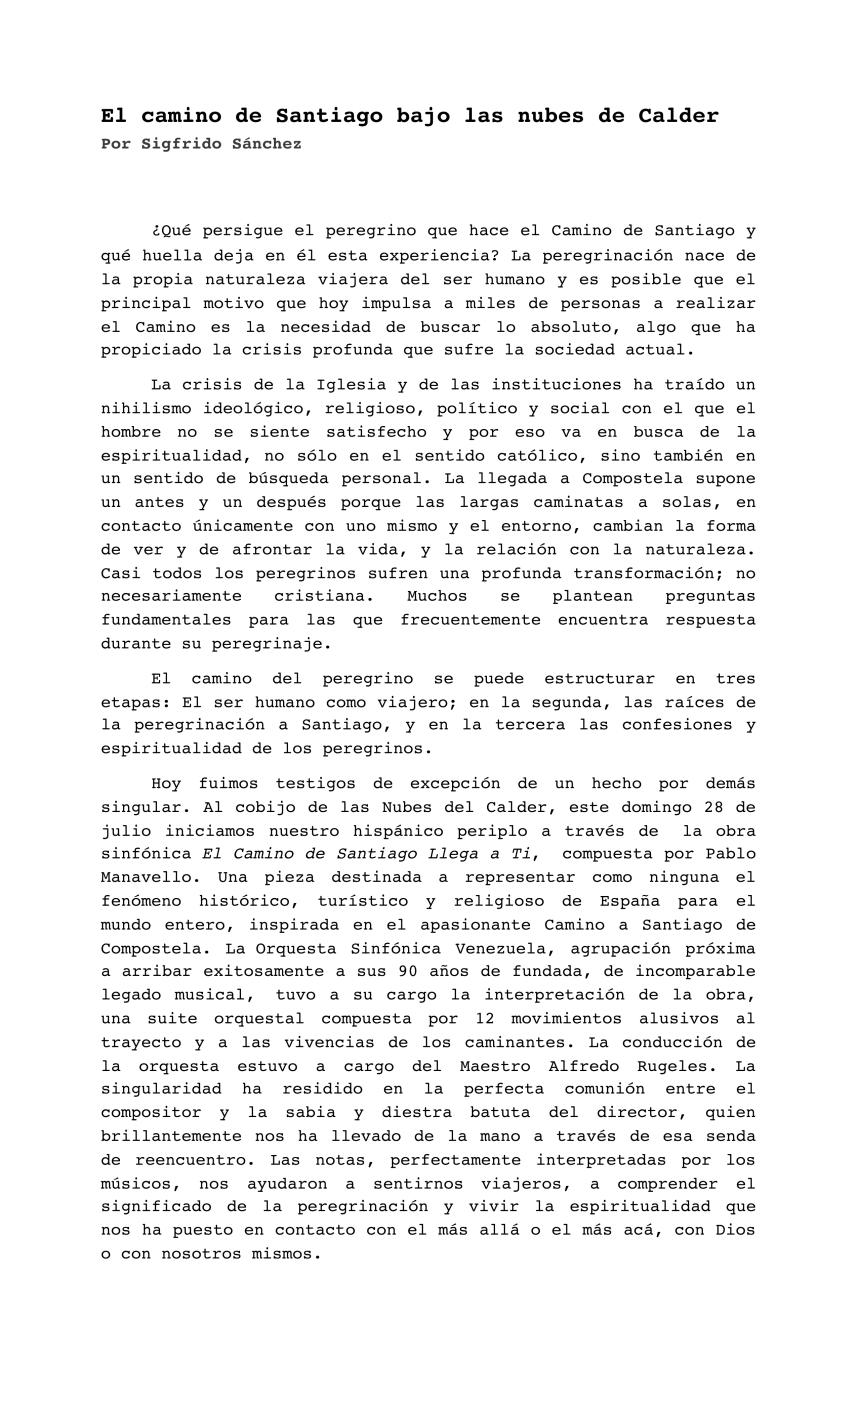 """Artículo de prensa del concierto de """"El Camino de Santiago llega a ti"""" en Caracas, julio 2019"""